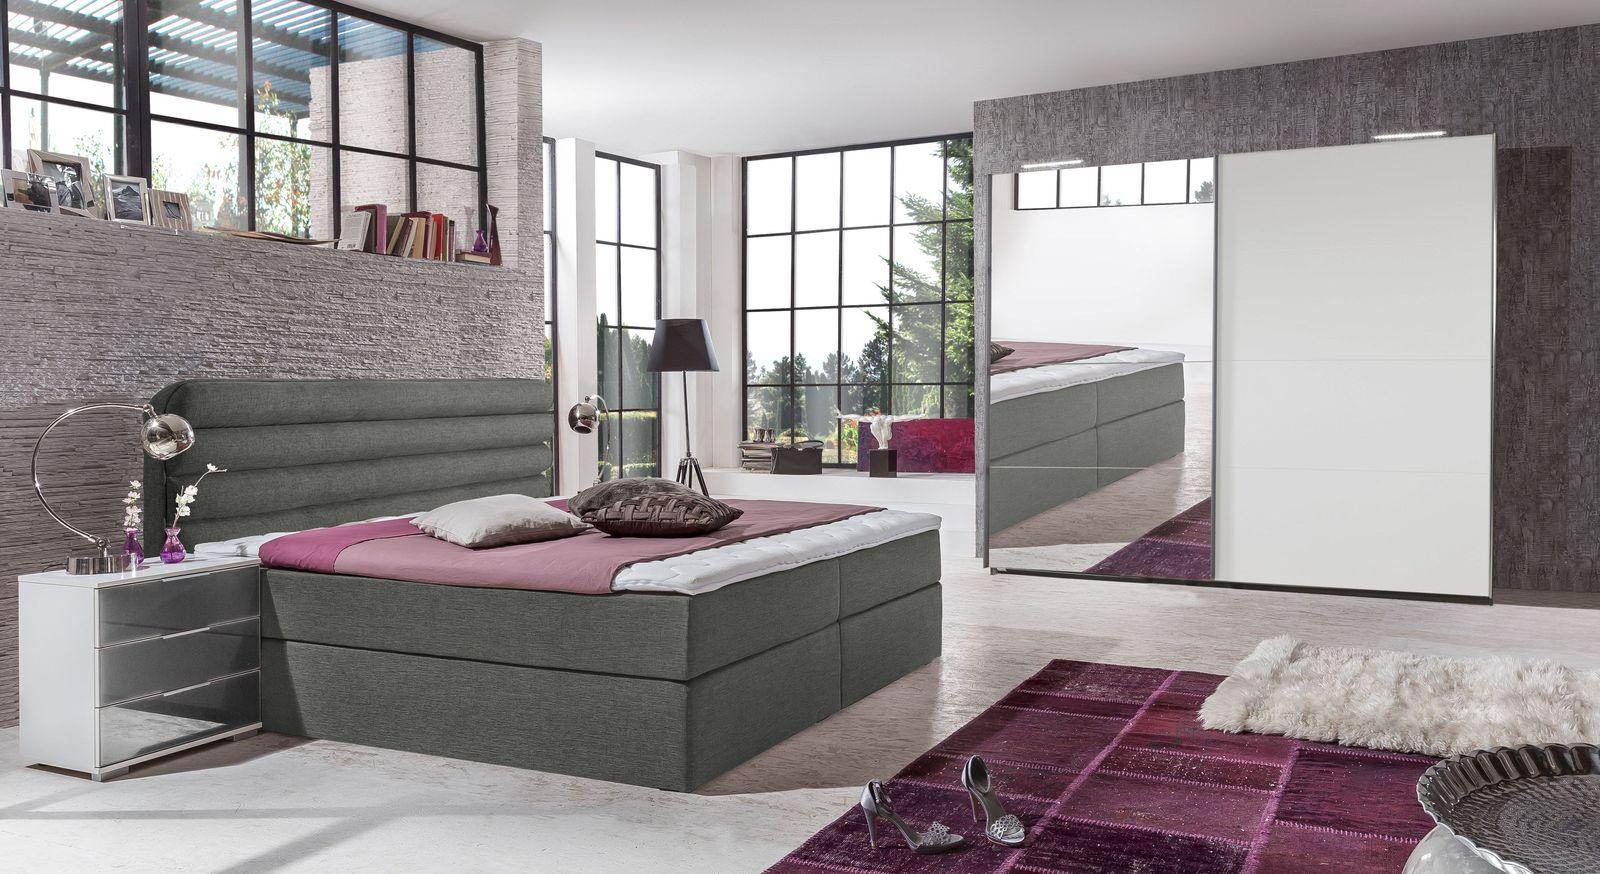 Full Size of Schlafzimmer Komplettangebote Otto Ikea Italienische Poco Kommoden Tapeten Komplett Günstig Landhaus Set Mit Matratze Und Lattenrost Günstige Nolte Schlafzimmer Schlafzimmer Komplettangebote